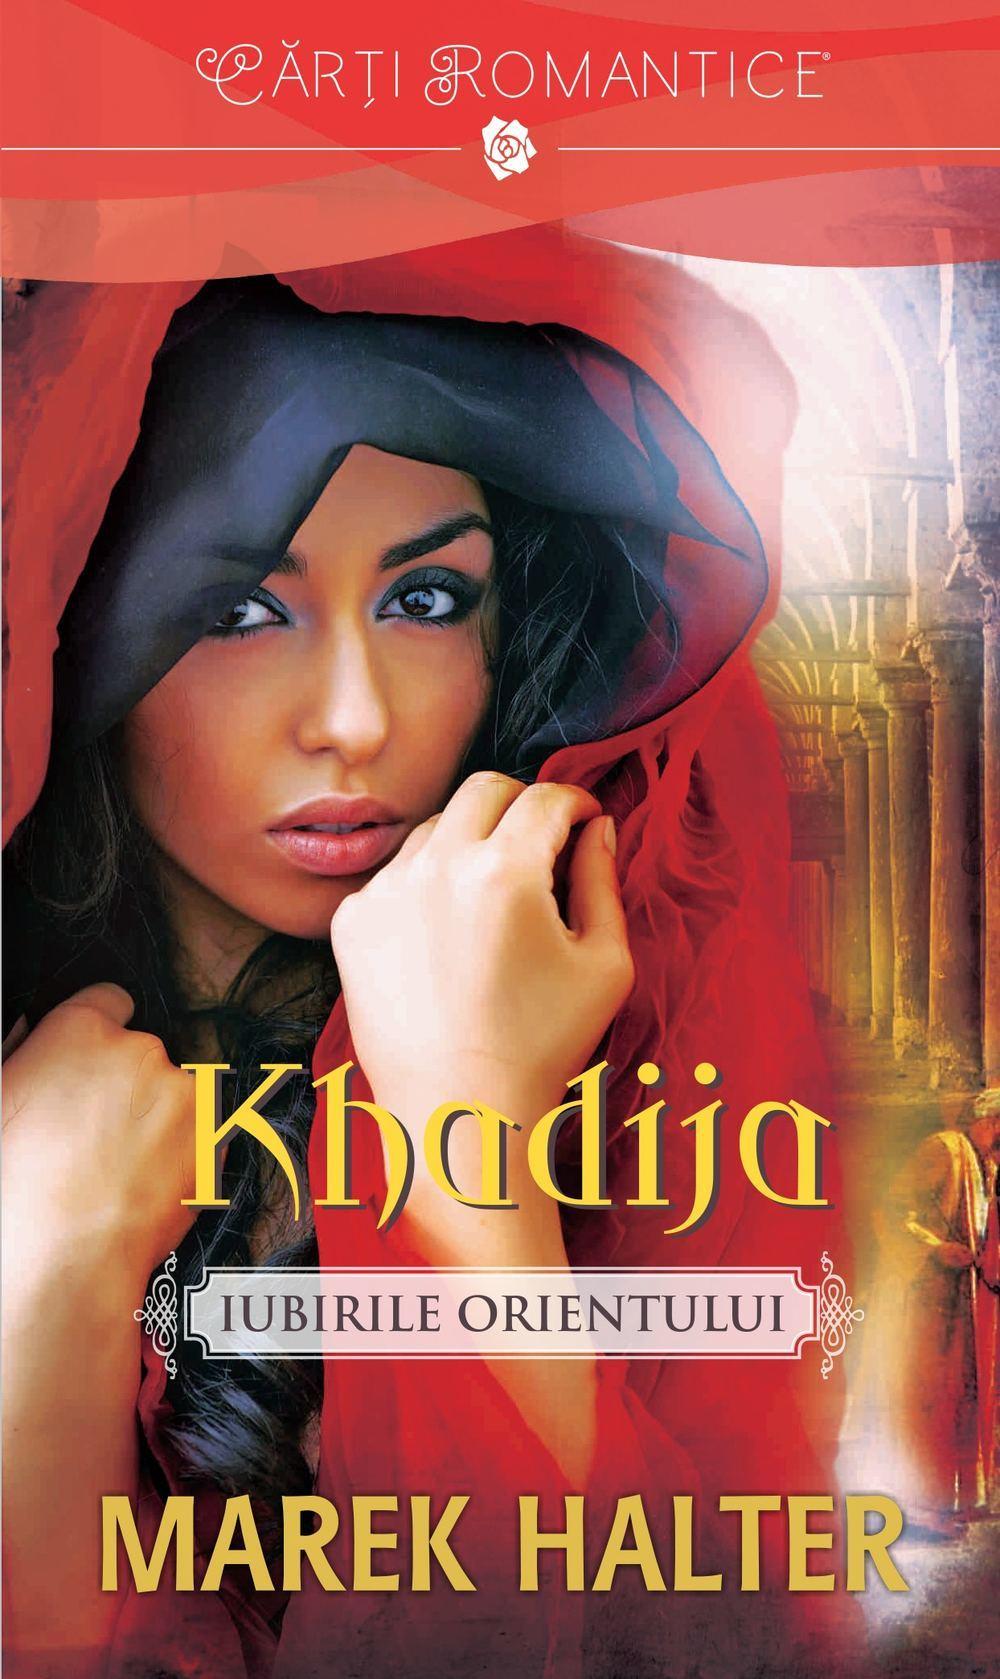 Khadija (Iubirile orientului #1)  by  Marek Halter